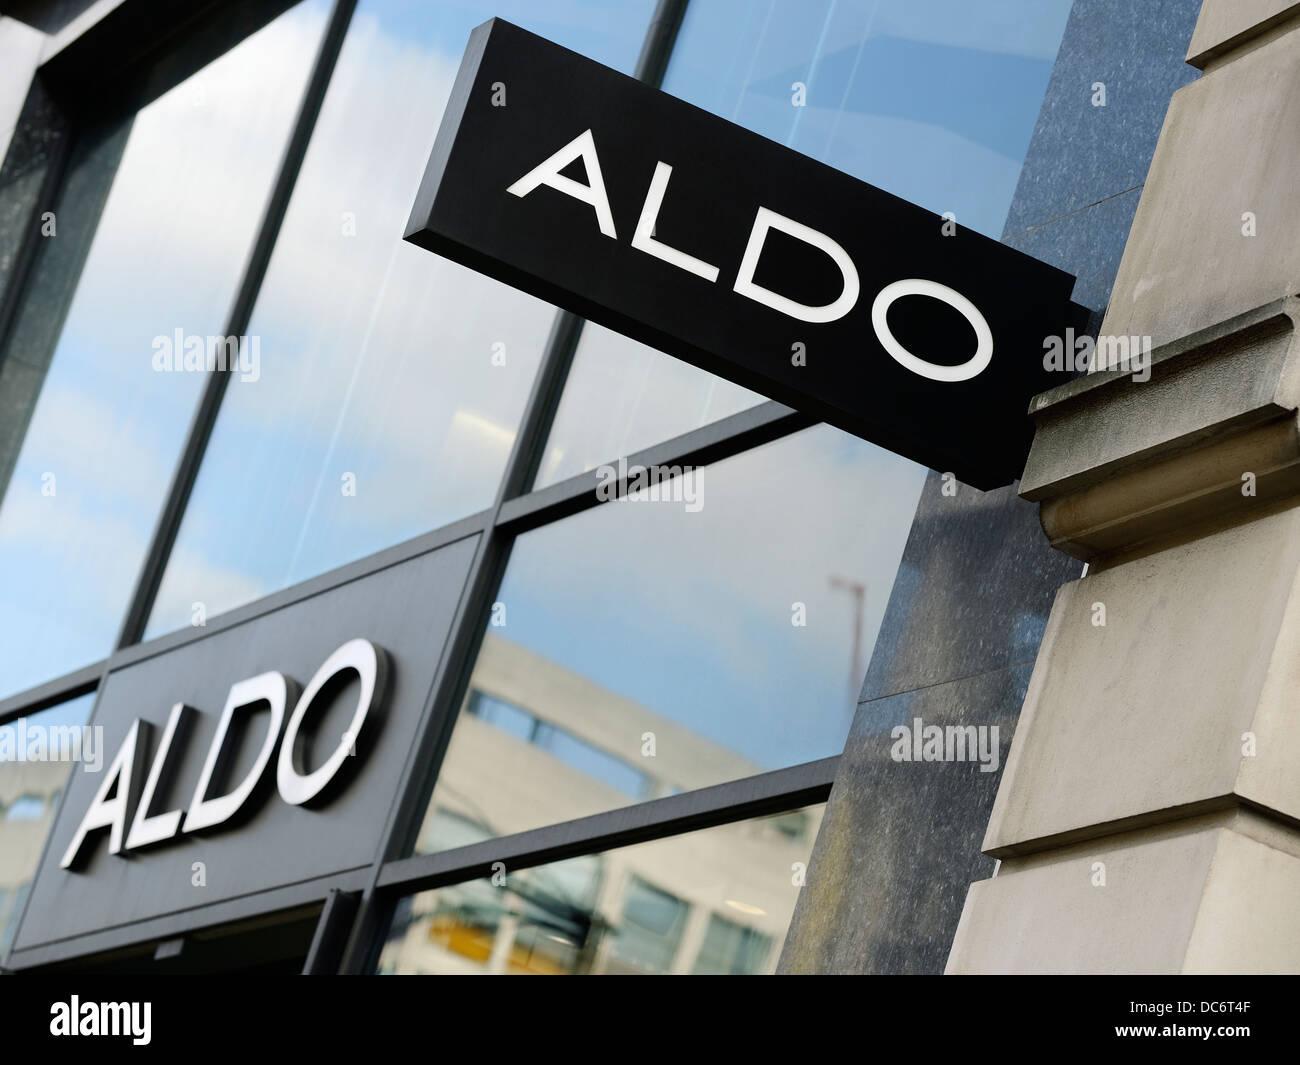 newest 773e6 f3ffe Aldo Immagini & Aldo Fotos Stock - Alamy